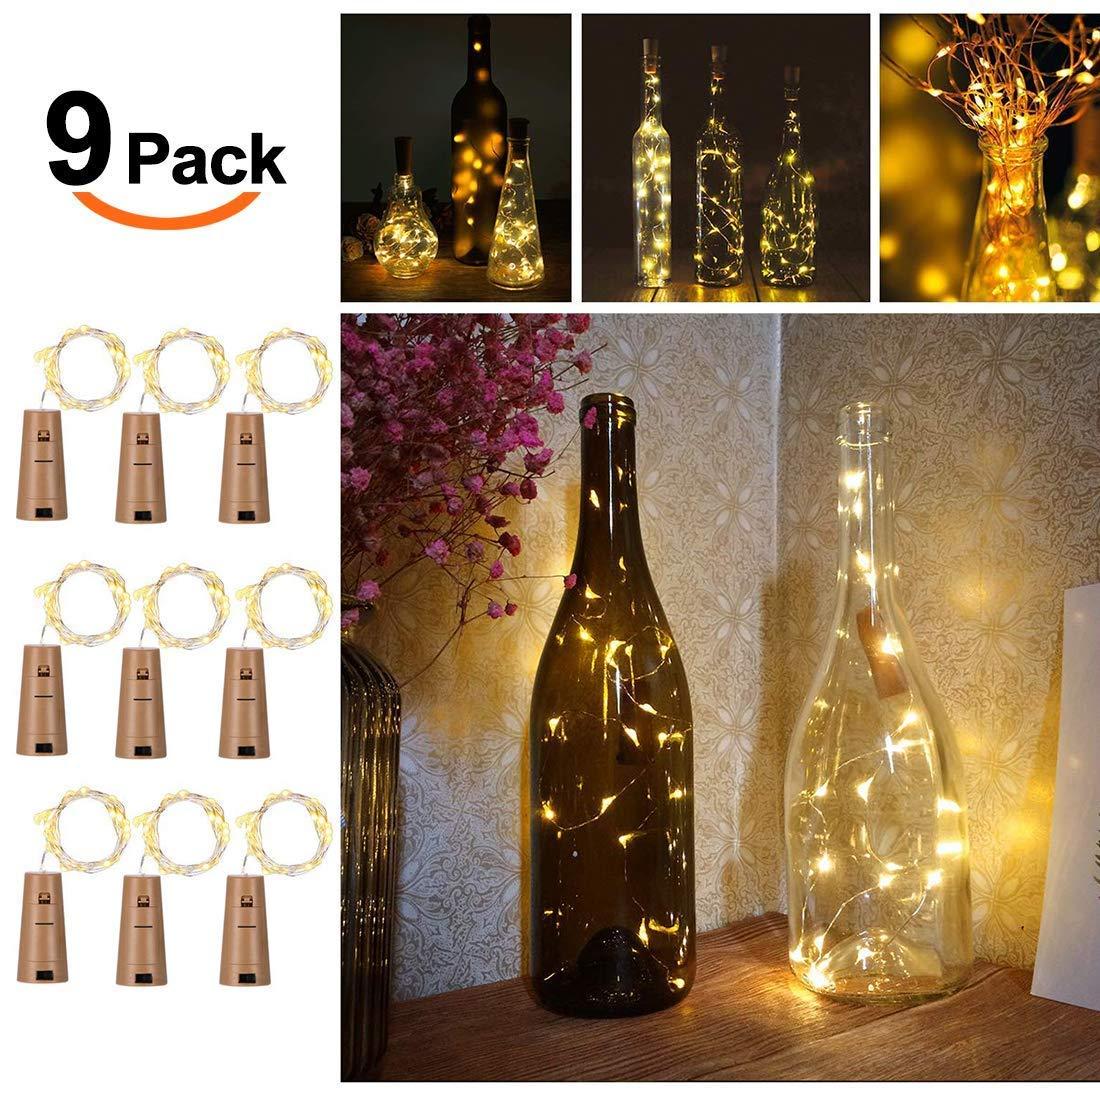 LED Flaschen-Licht, 9x 20 LED Flaschenlichter Lichterketten Nacht Licht Weinflasche Flaschenlicht Kork Flaschen Licht LED Lichter Lichterkette Flaschen DIY- 39 inch- [ Warm-weiß] Flaschen Lichter für Hochzeit Party Romantische Deko - OUTERDO [Energieklasse